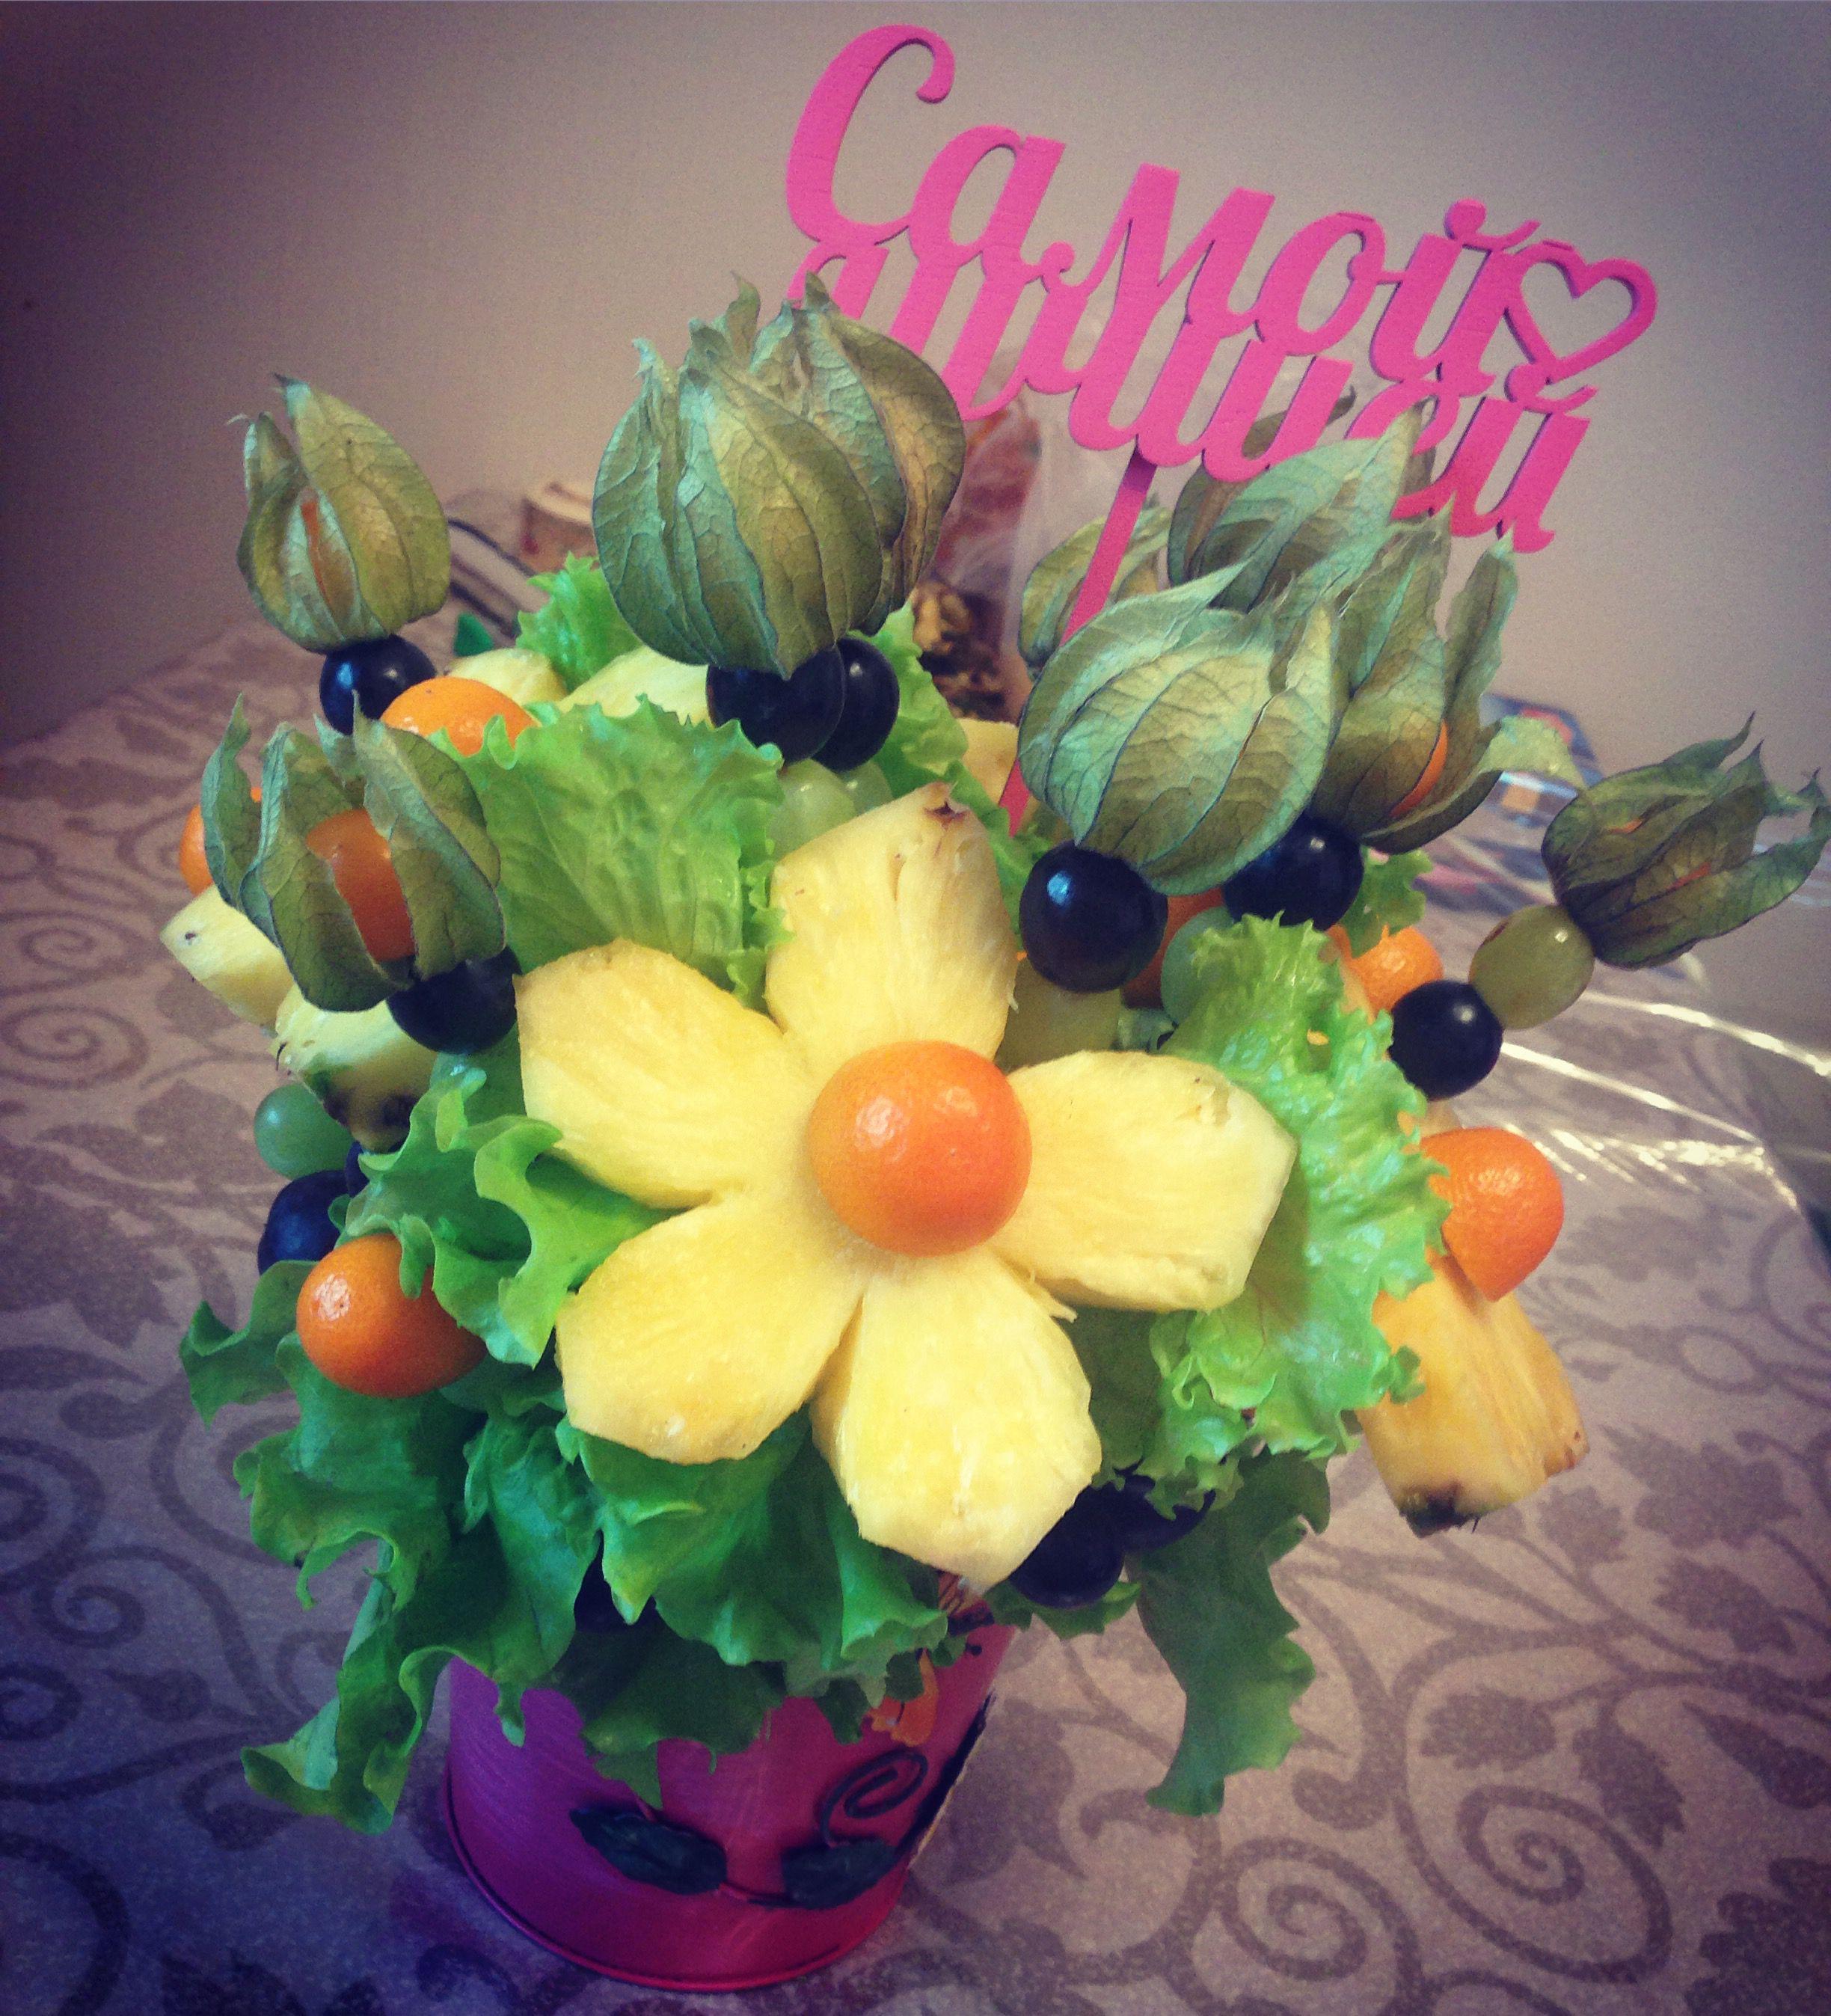 сюрприз деньрожденье цветывкоробке букетизфруктов фруктовыйбукет